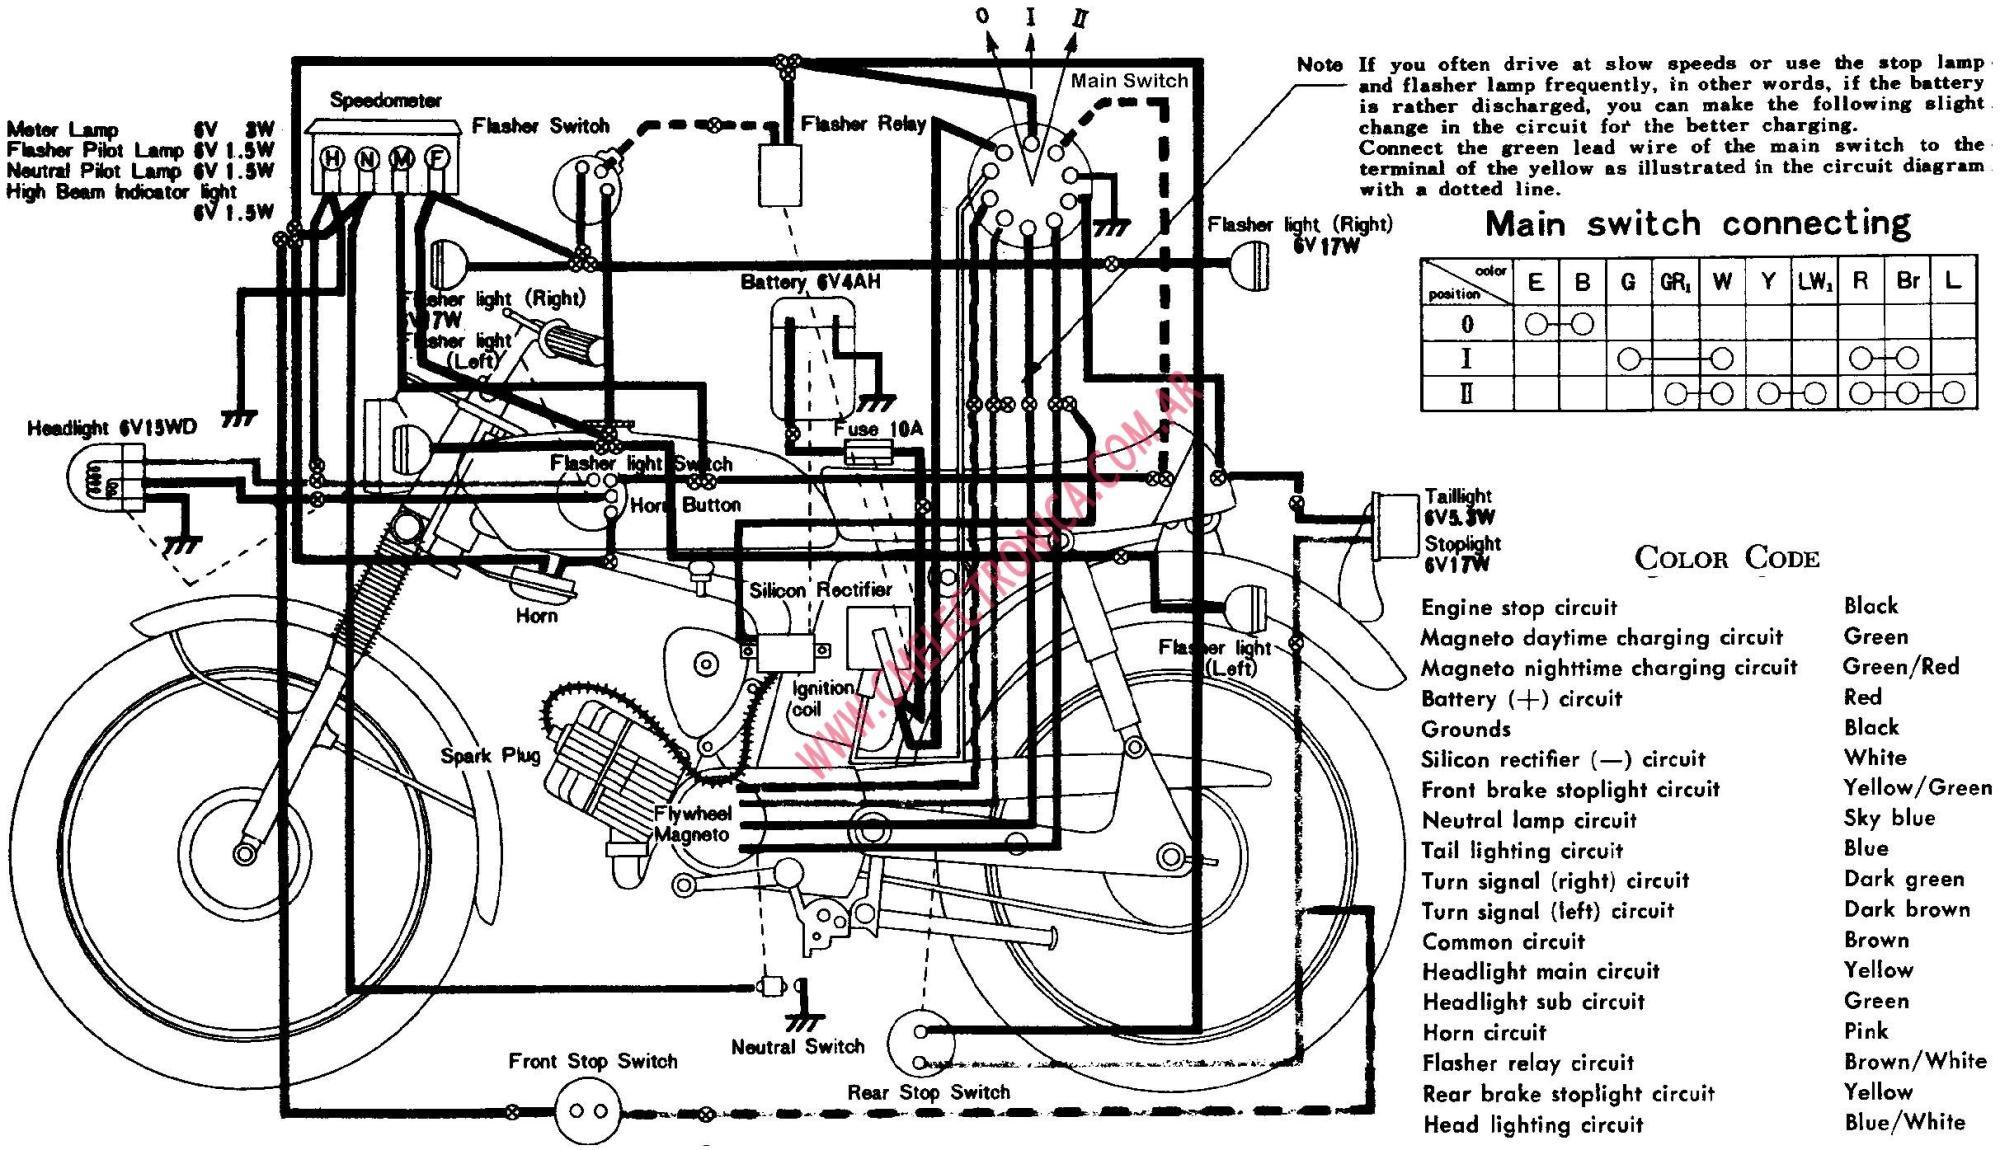 hight resolution of diagrama yamaha g5 g6 s sb g s rd60 a diagrama kawasaki kh250wire